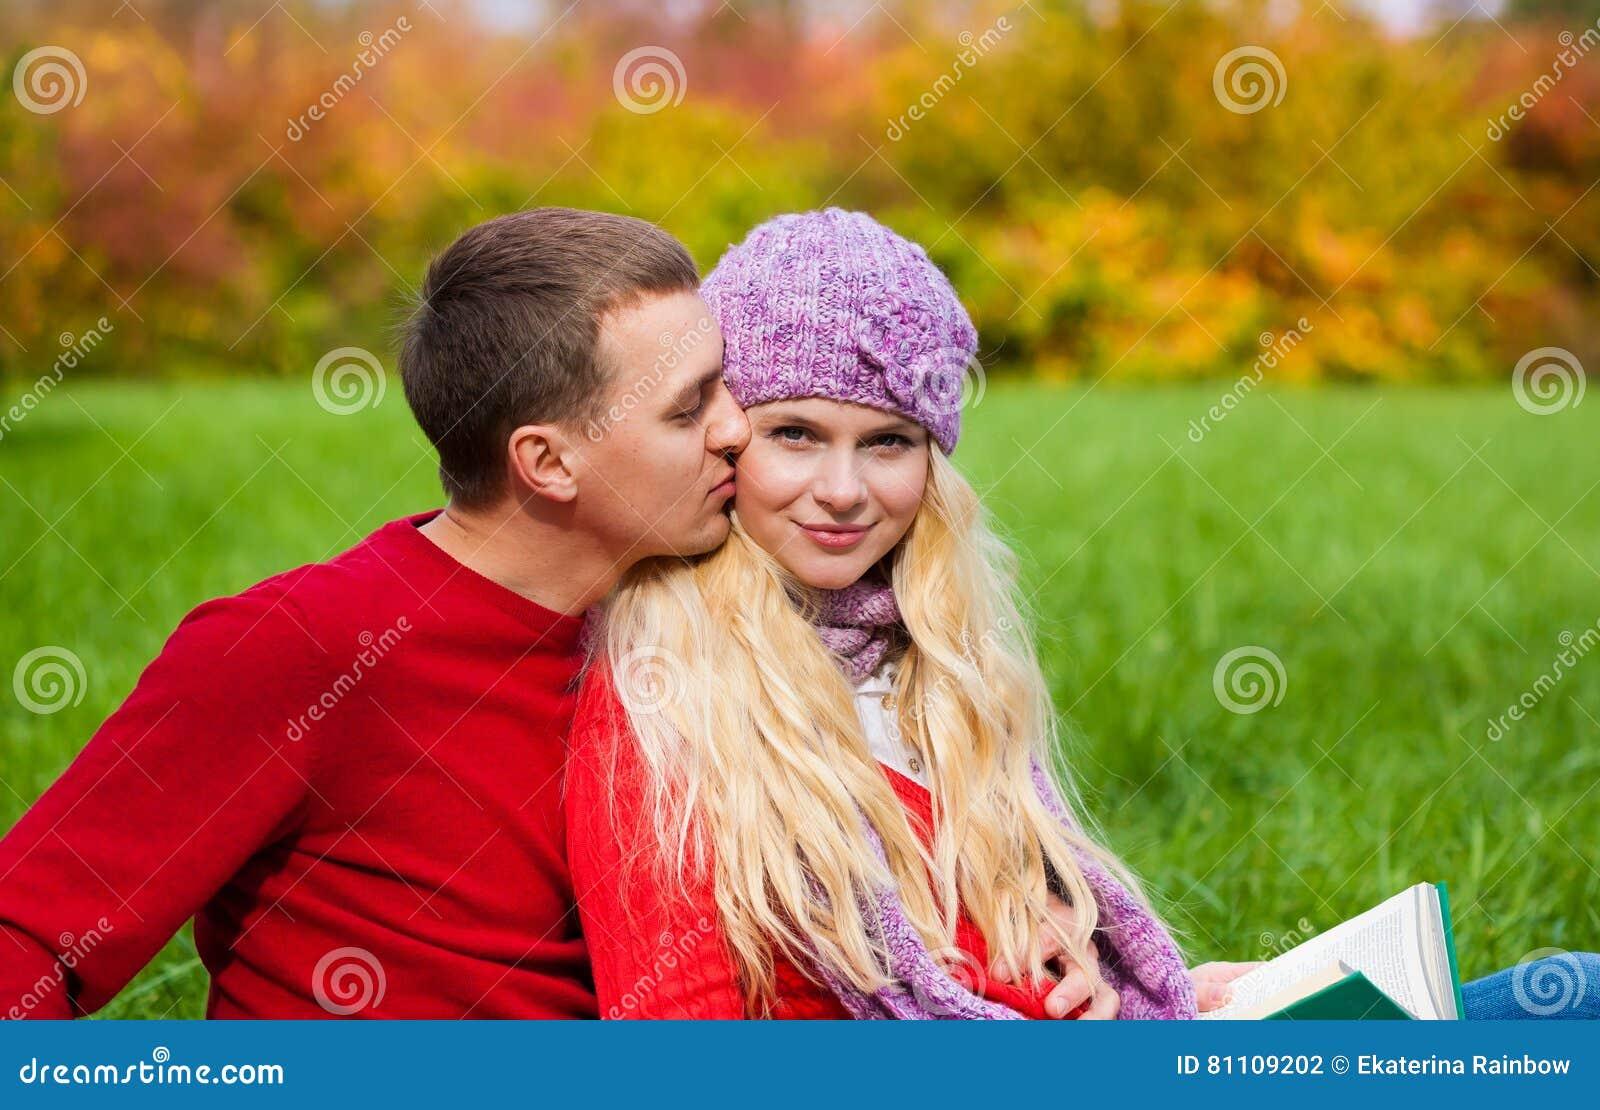 med hatt dating Dating någon men inte över ex